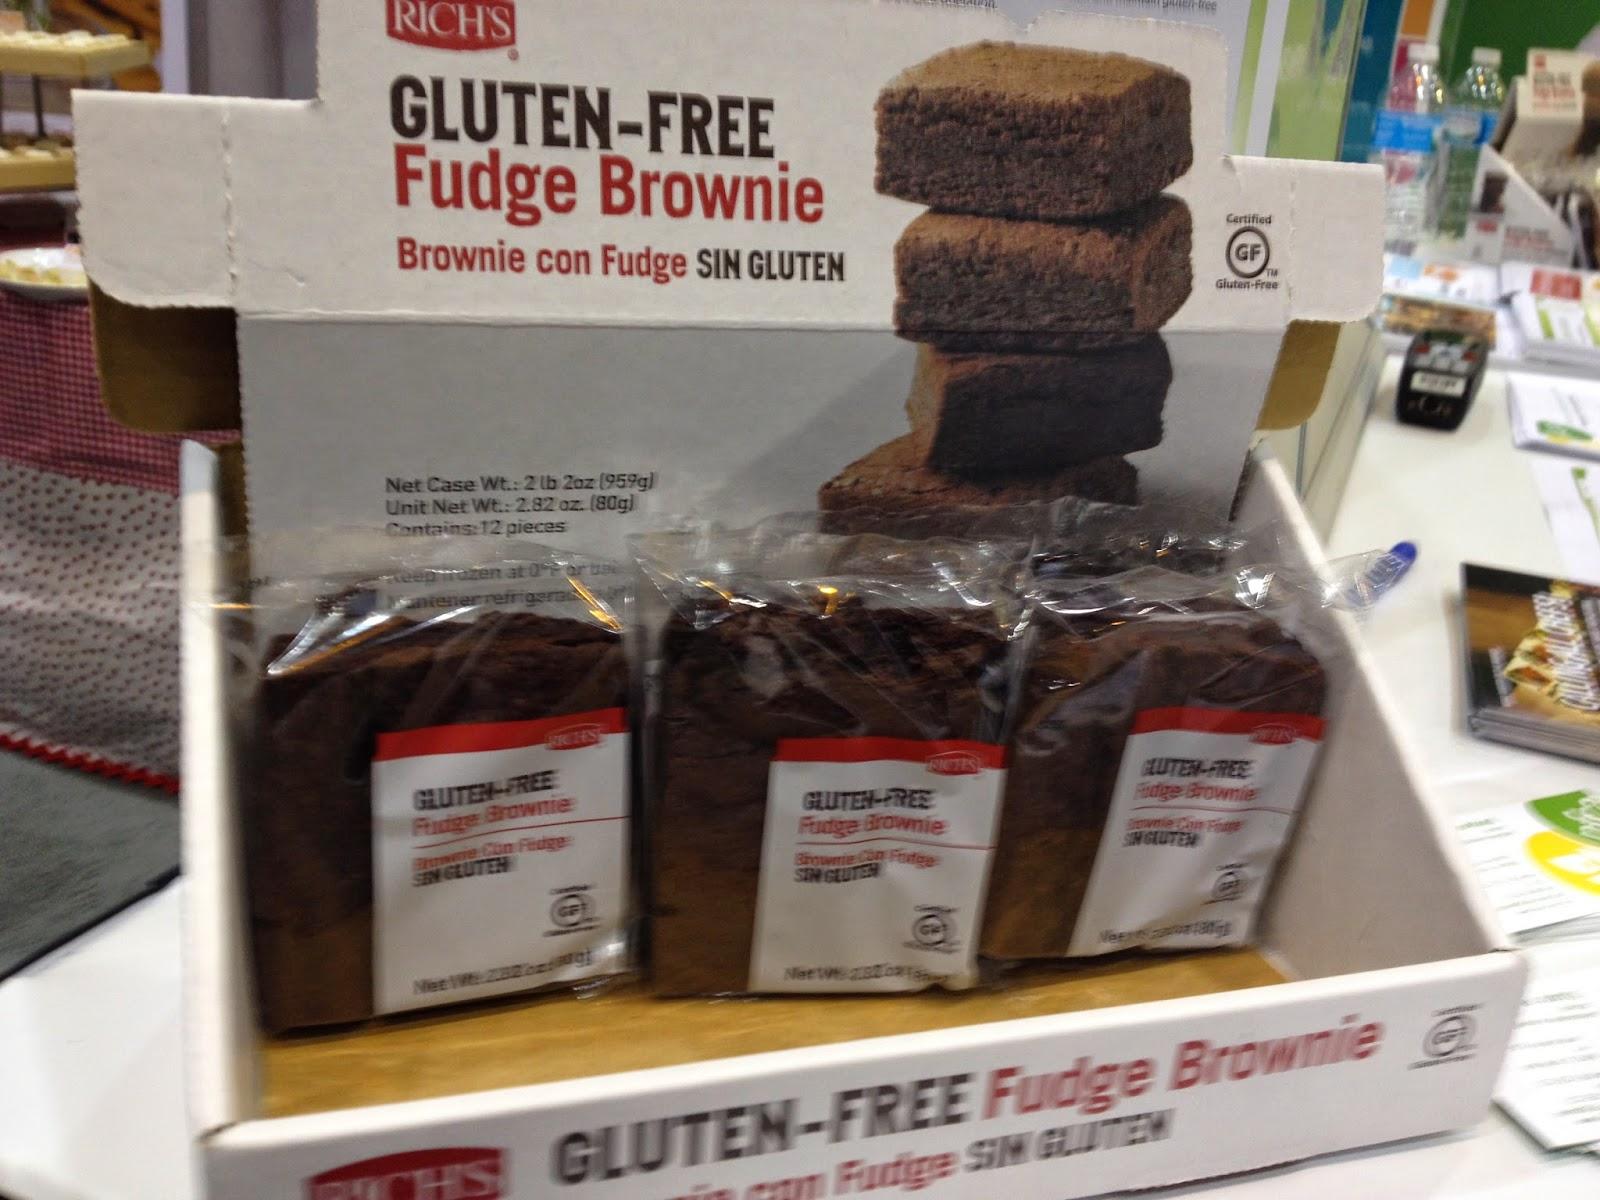 Rich's Gluten- Free Fudge Brownie